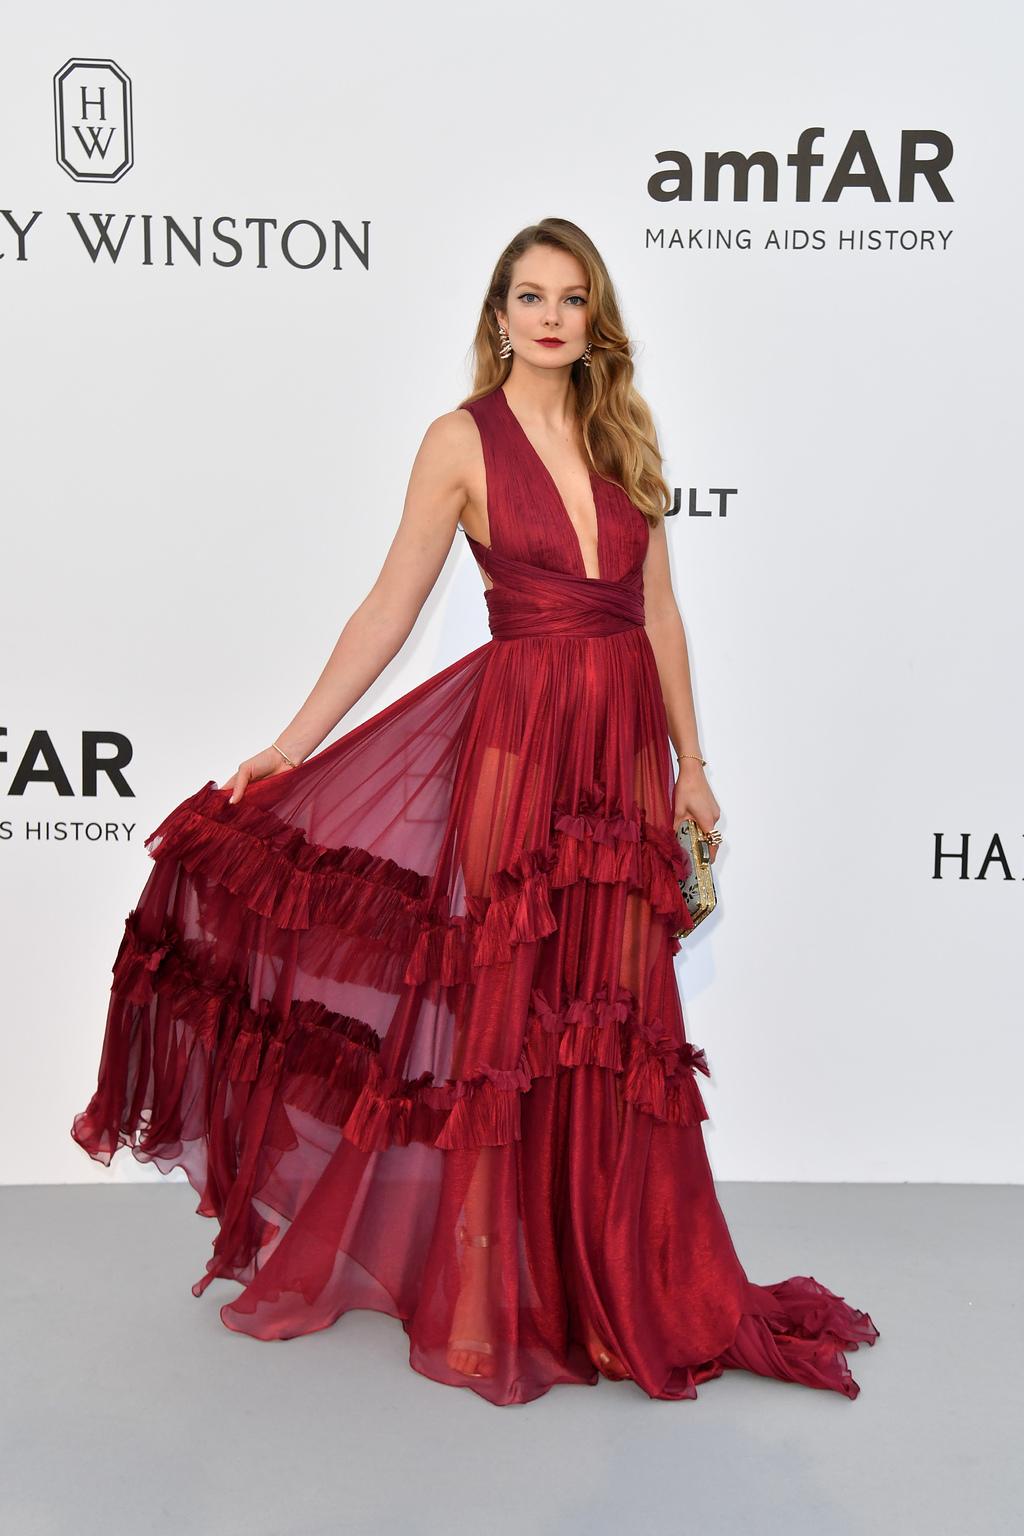 d4b61147b2 Az itt a Cannes-ban szokásos amfAR gála sok-sok képe, azokkal a gyönyörű ruhákkal  és cipőkkel, melyeket kb az Oscaron szoktunk látni.